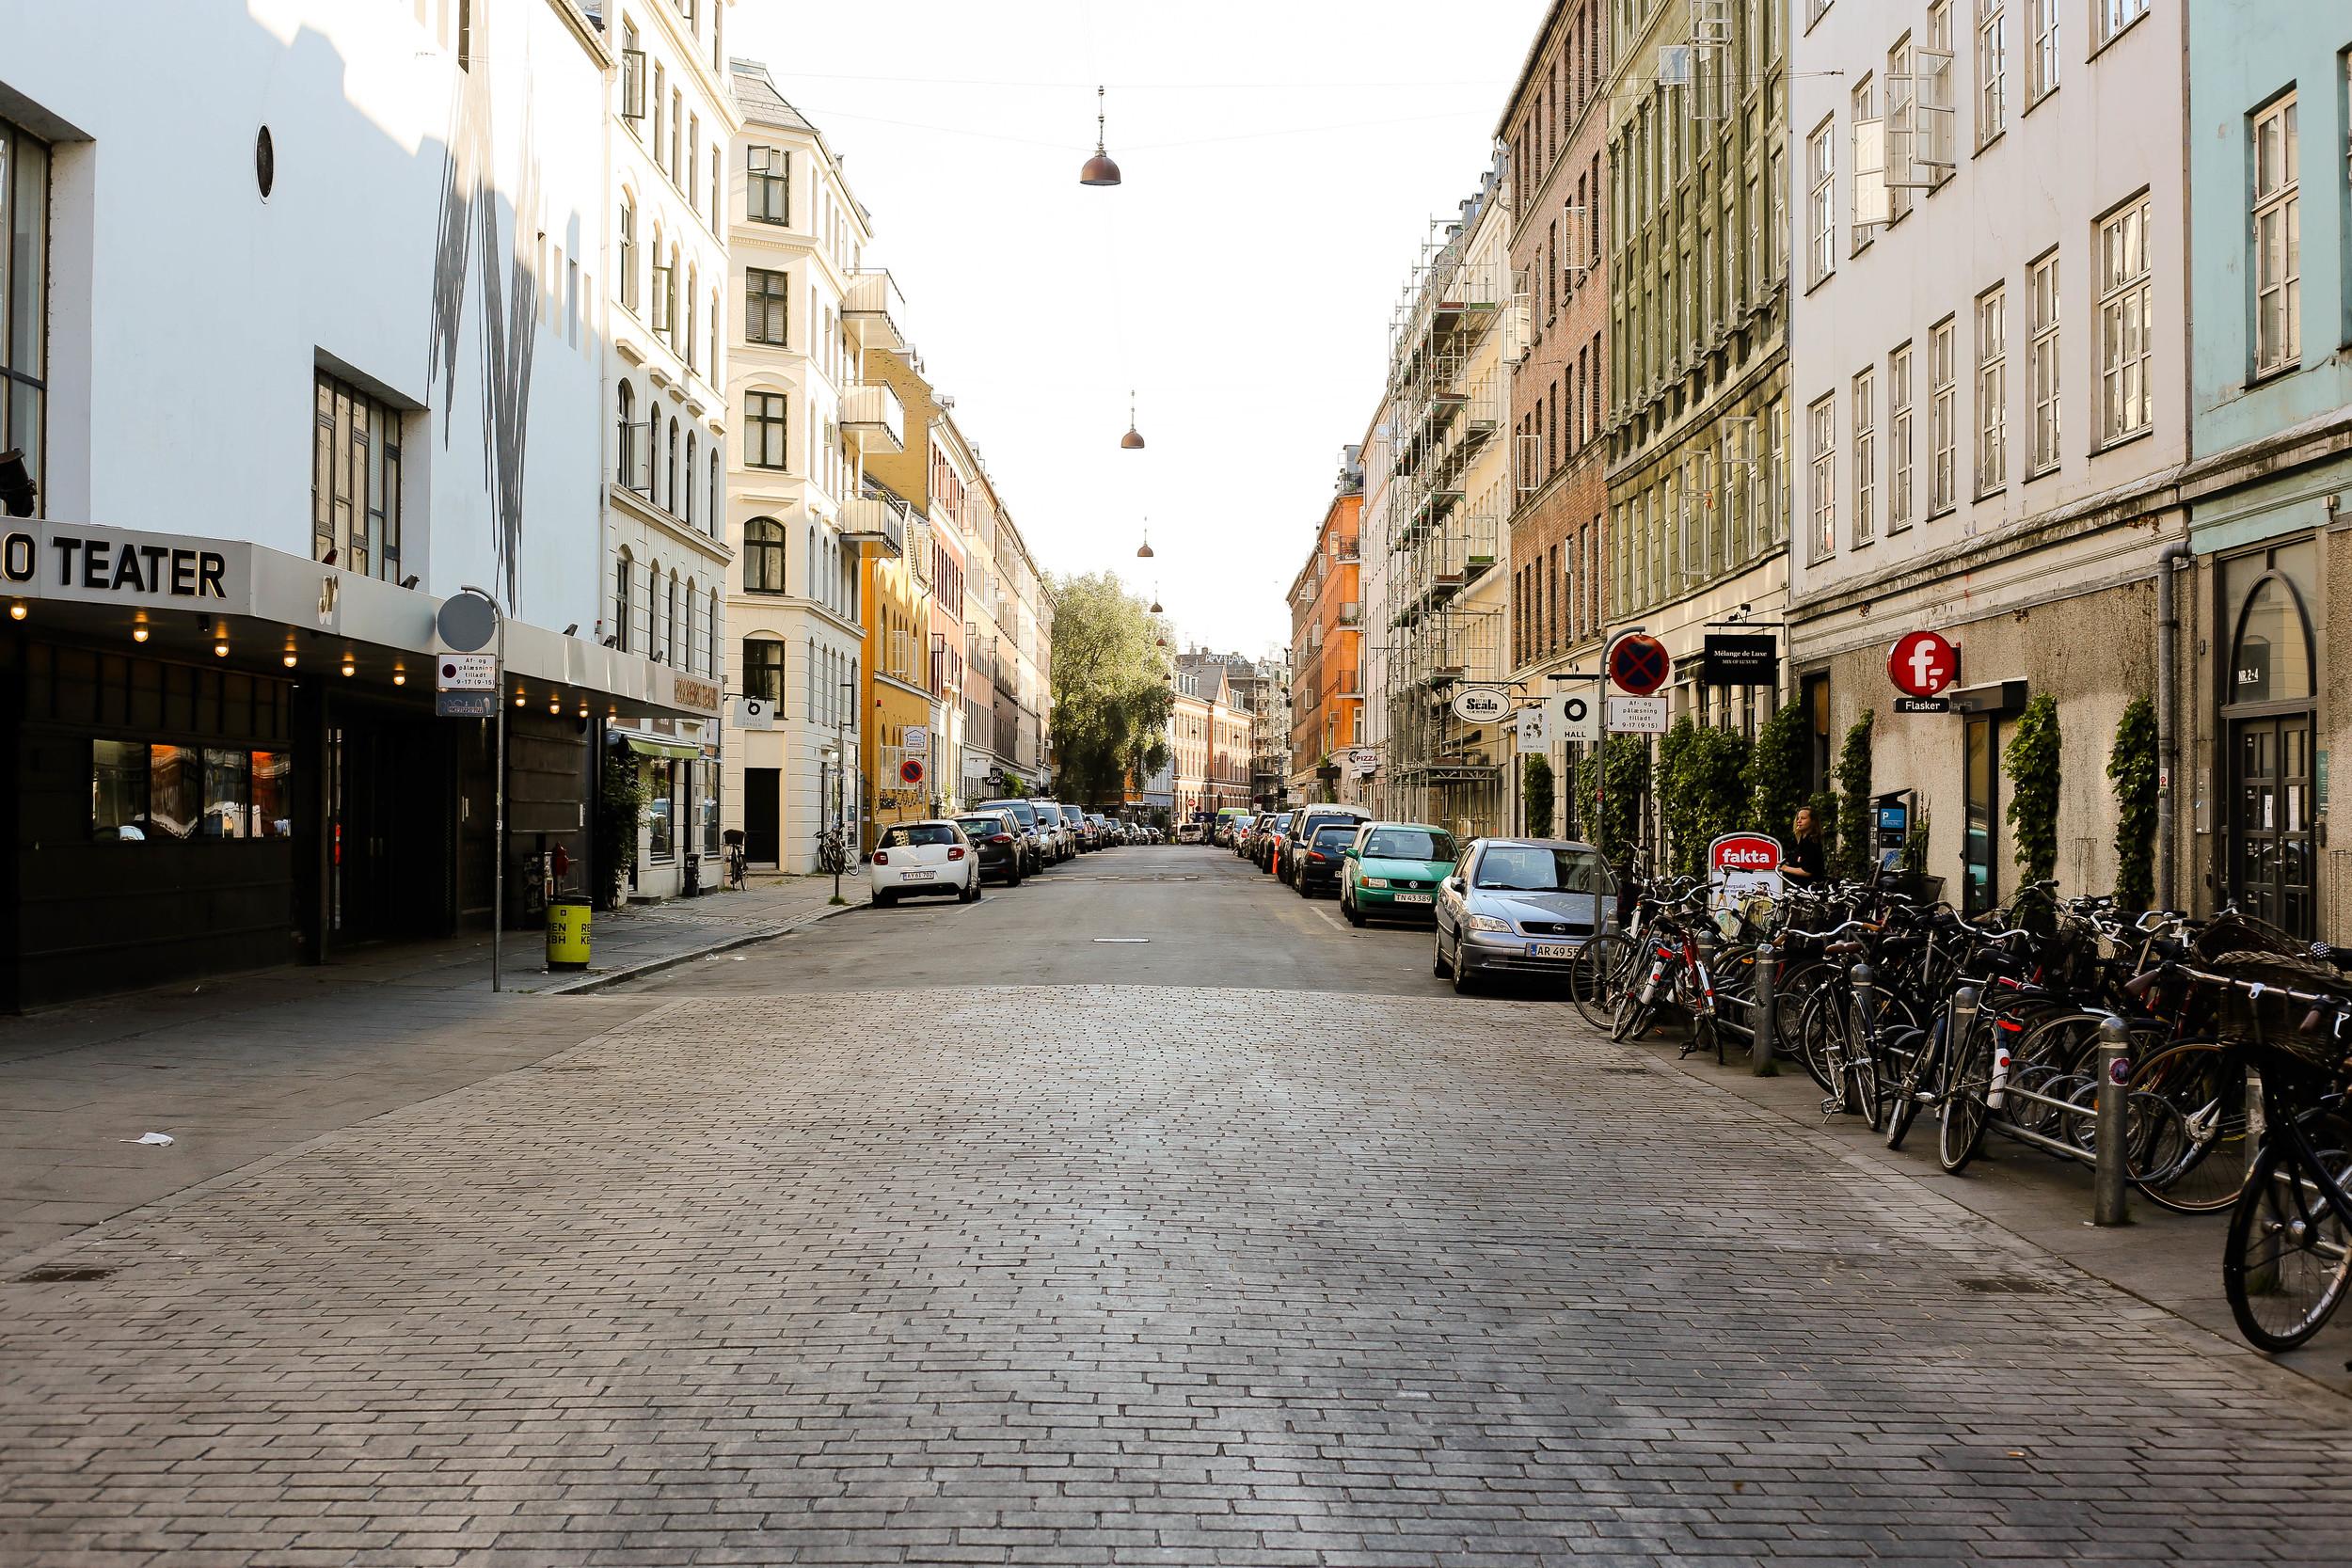 Copenhagen - May 2016